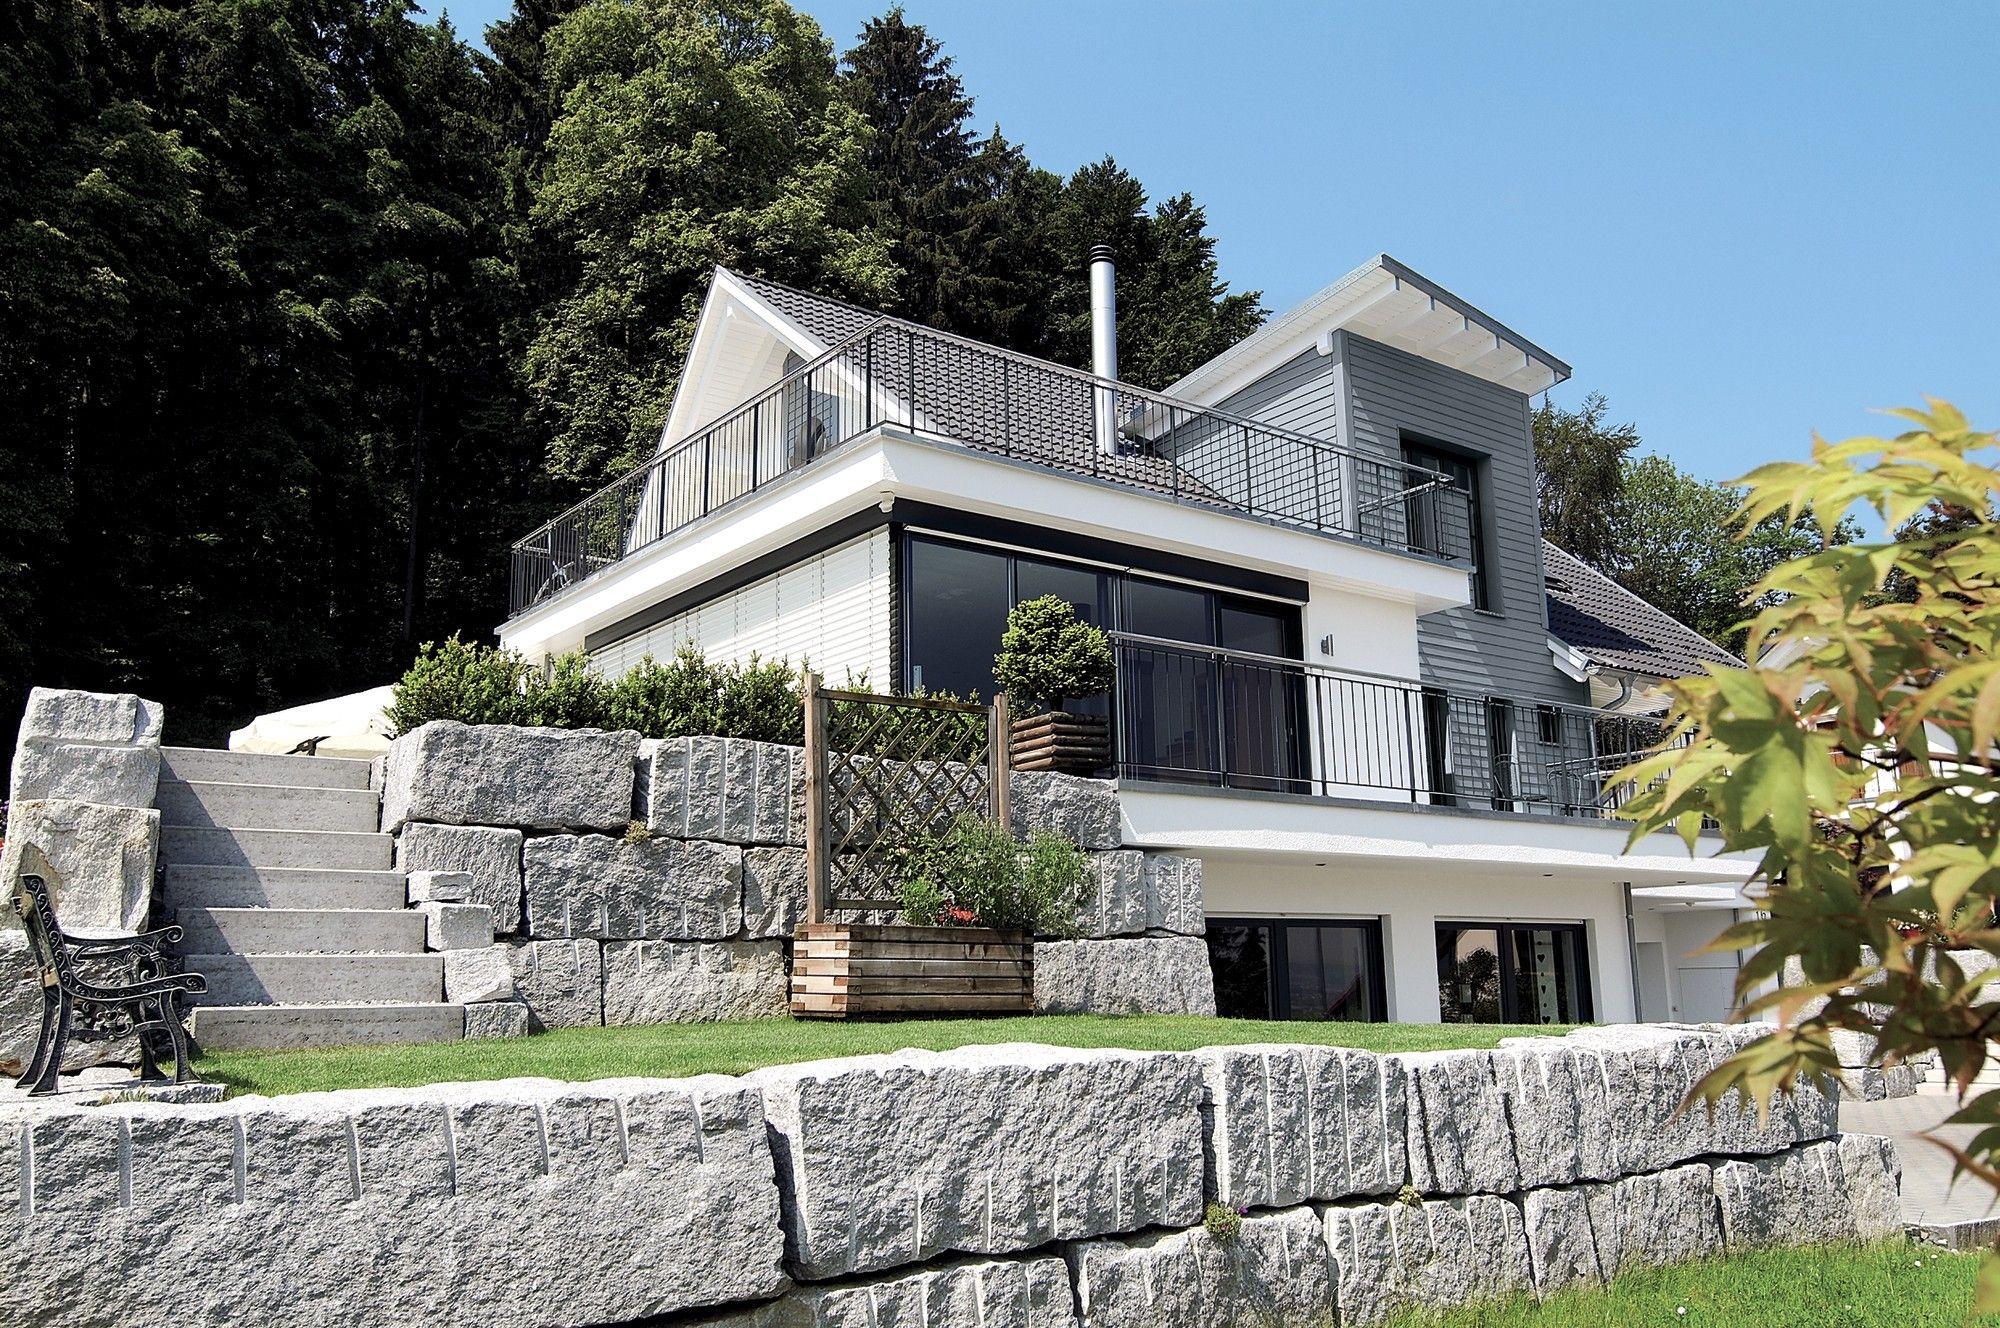 Hausdetailansicht Haus hanglage, Haus bauen, Hauswand